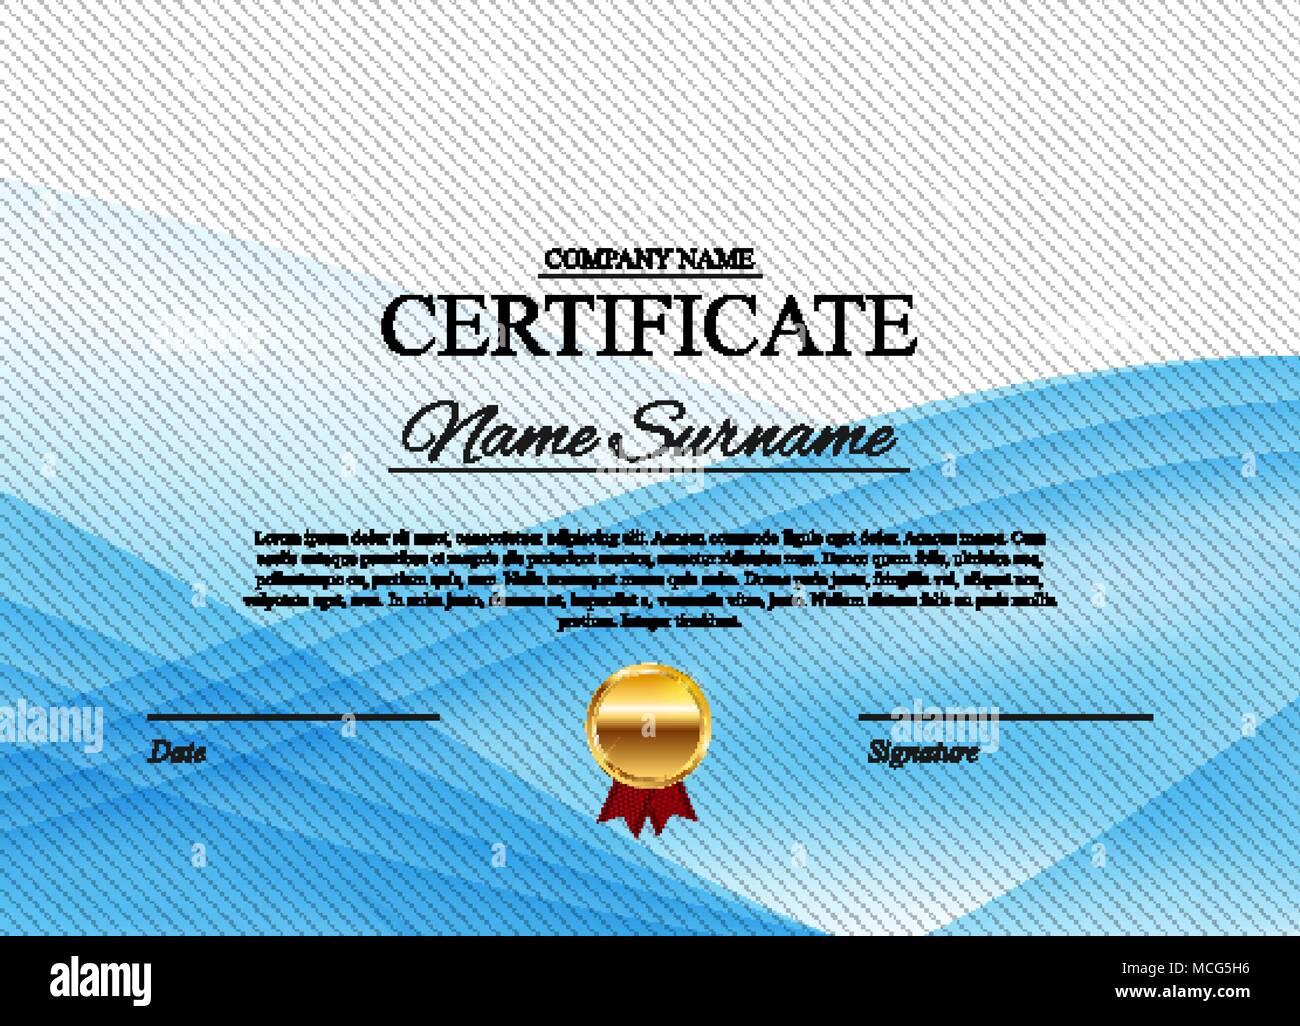 Vector Gold Certificate Template Stockfotos & Vector Gold ...